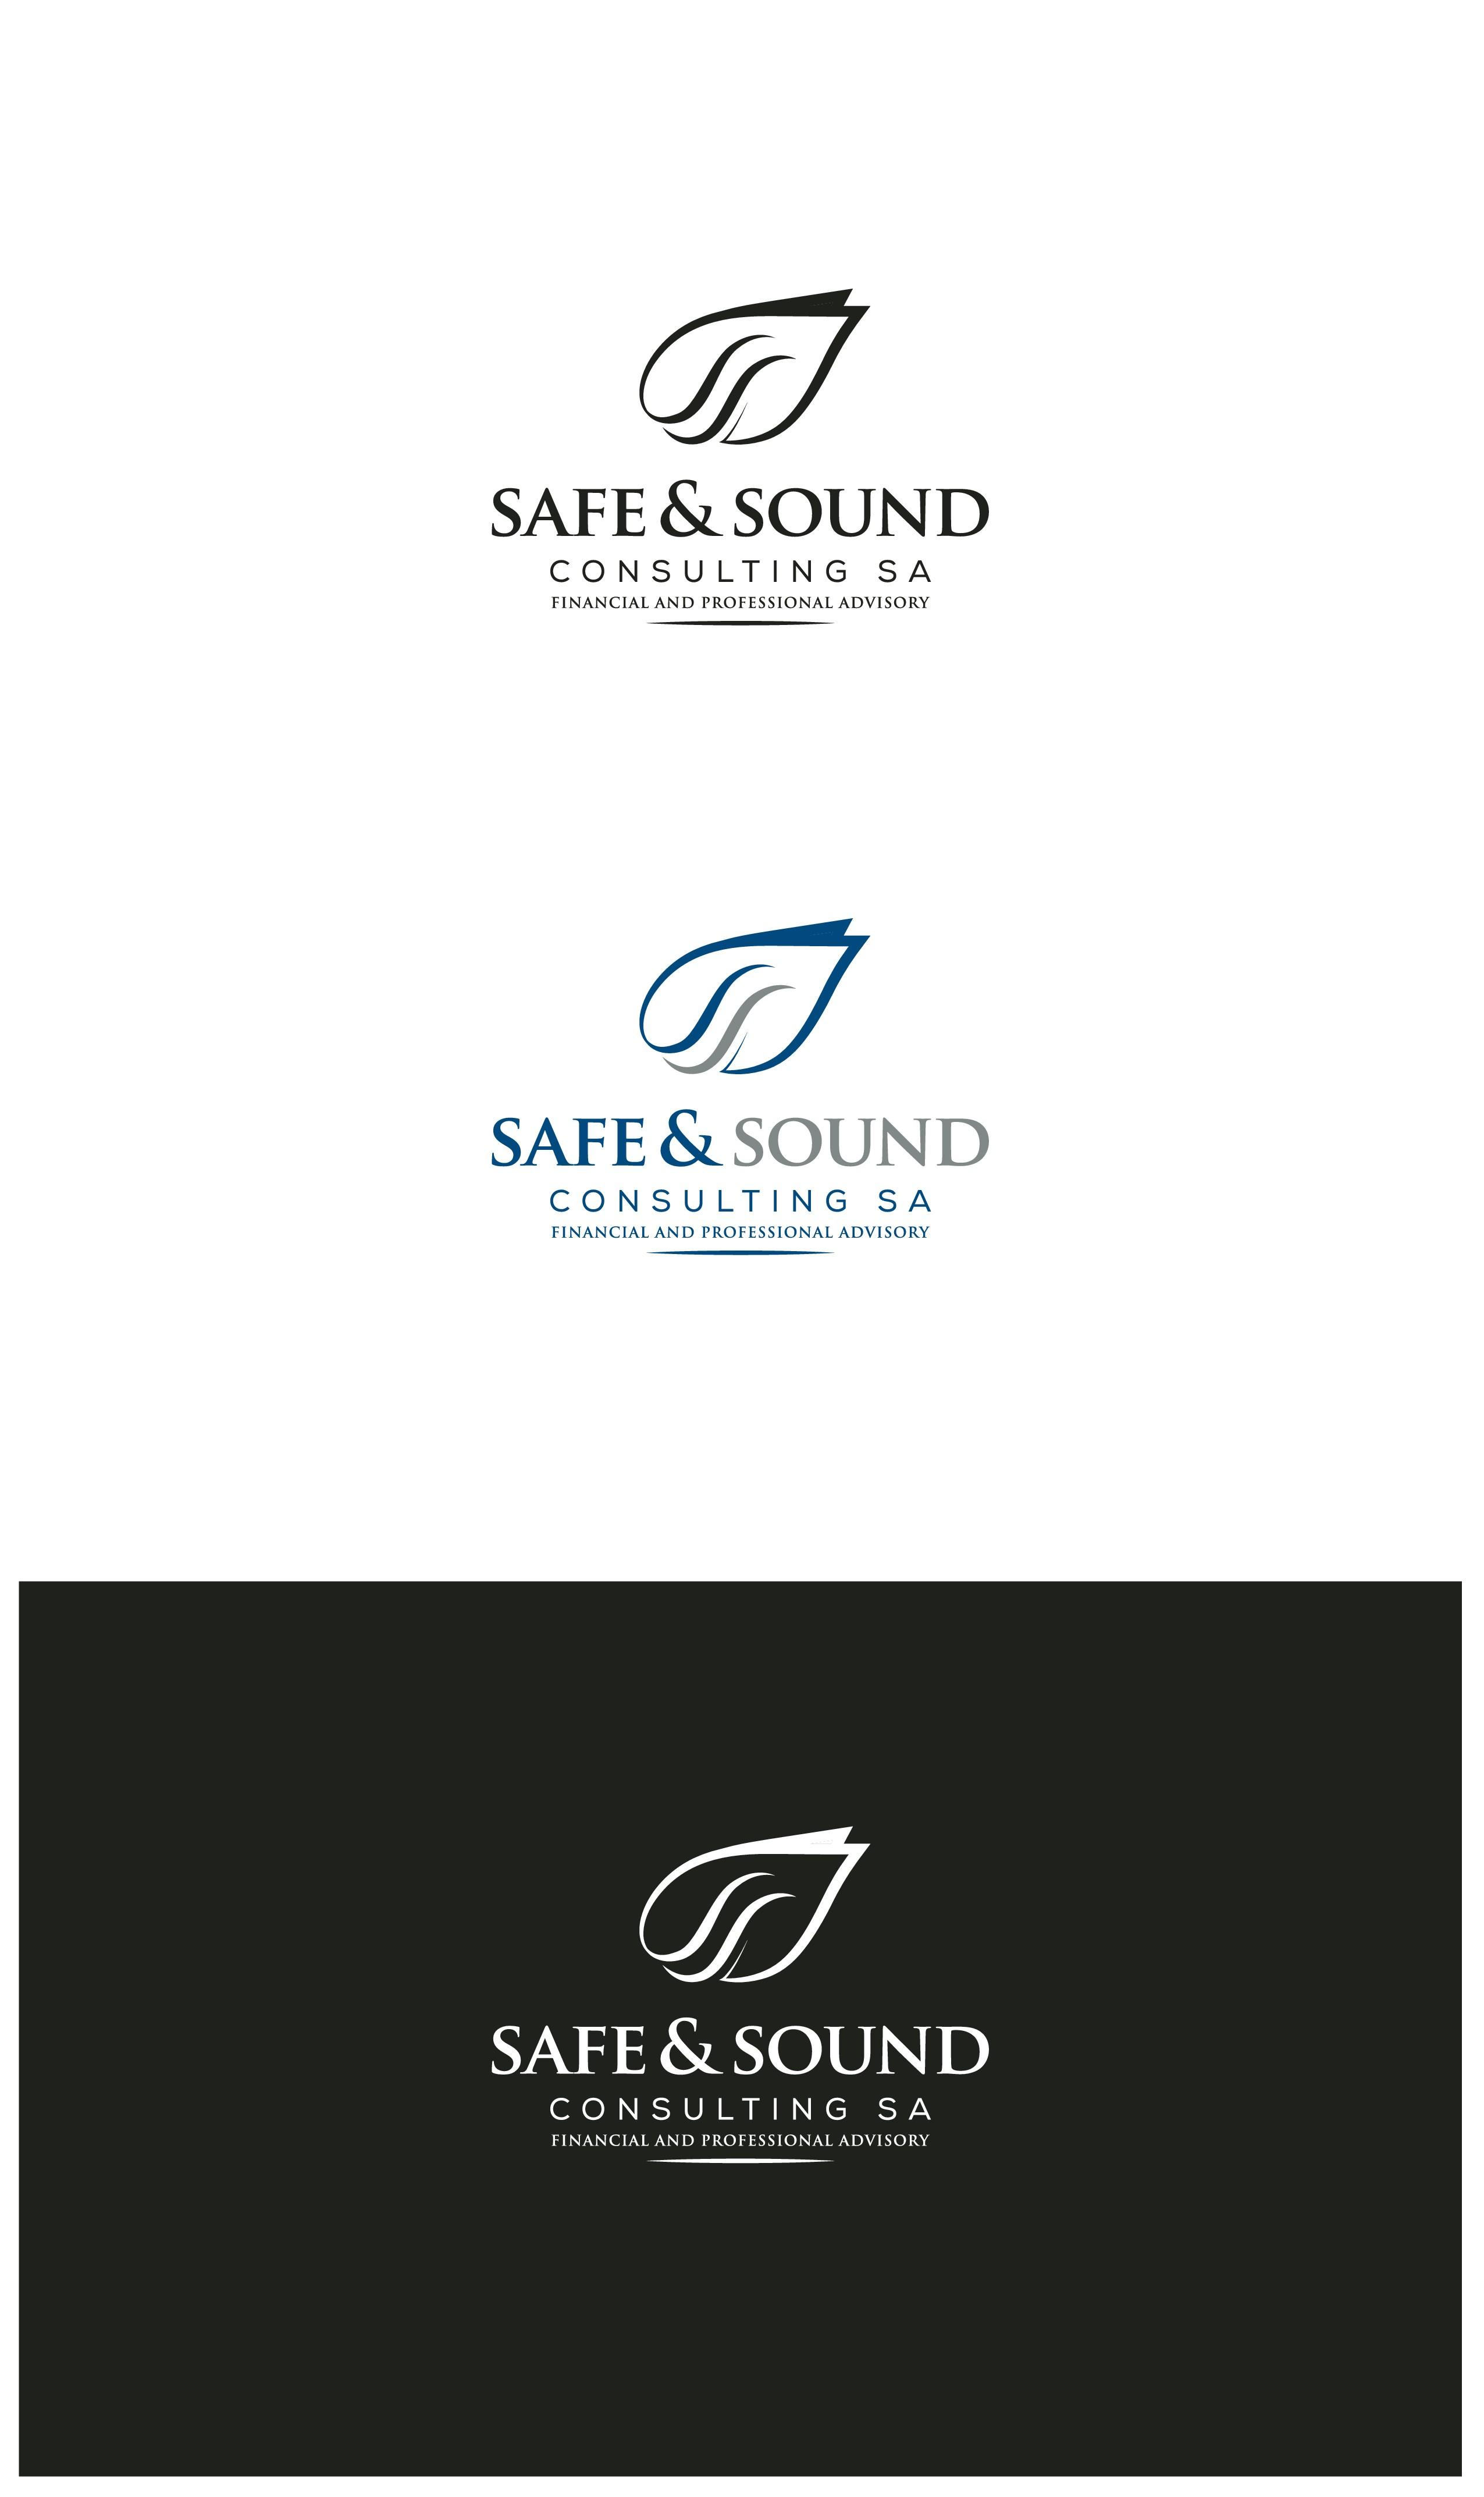 Creare un logo che riesca a rendere il senso di sicurezza e fiducia in ambito finanziario